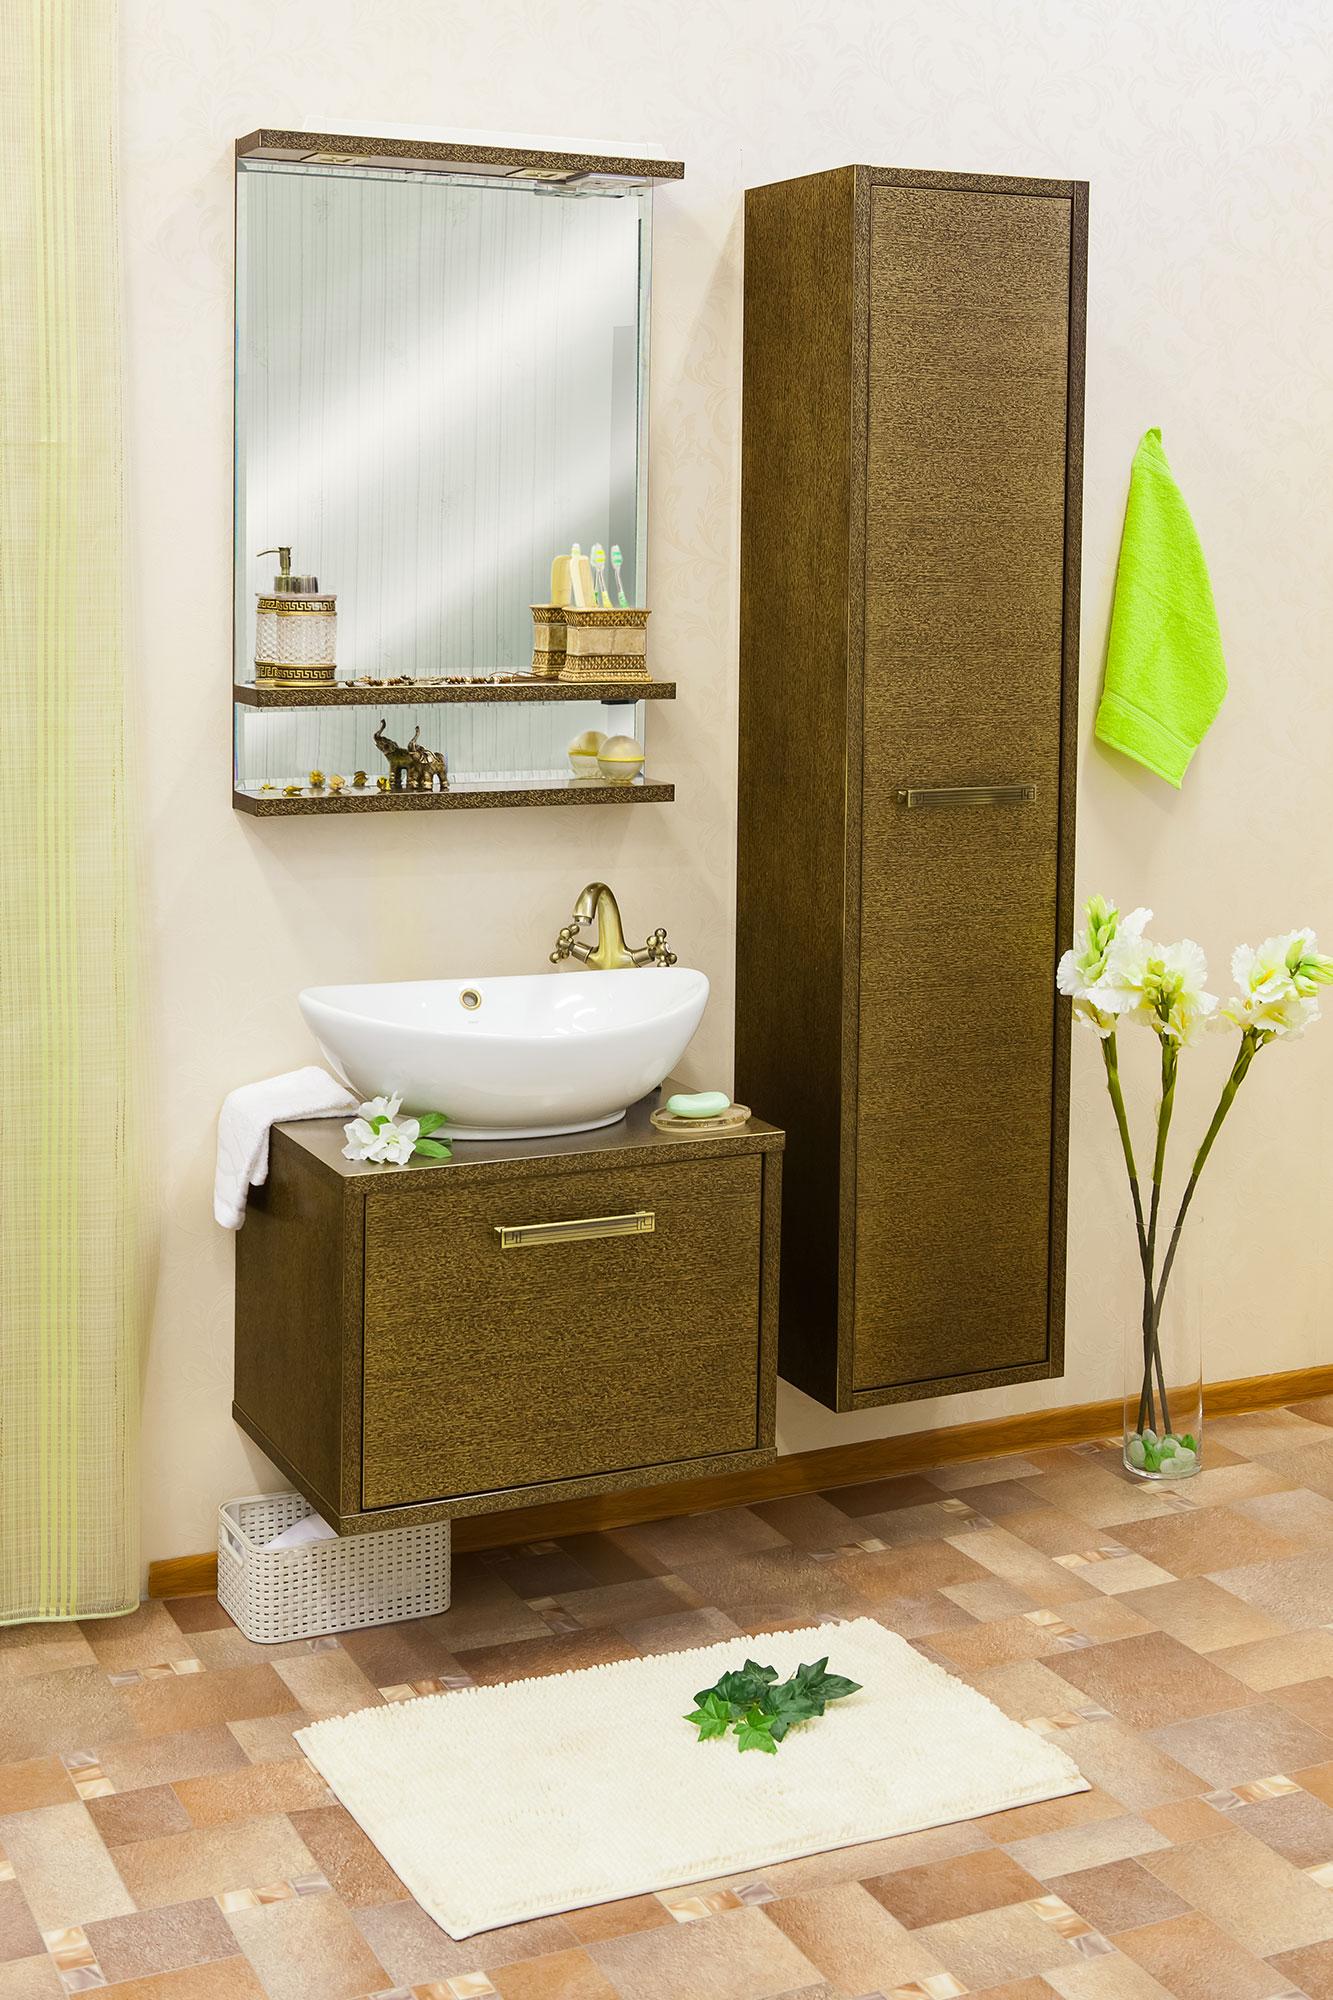 Сбор заказов. Для ванных комнат: тумбы, умывальники, пеналы, полупеналы, зеркала. 3D-фрезерование, патинирование, экологически чистые материалы. Мебель, которую выгодно покупать - 35